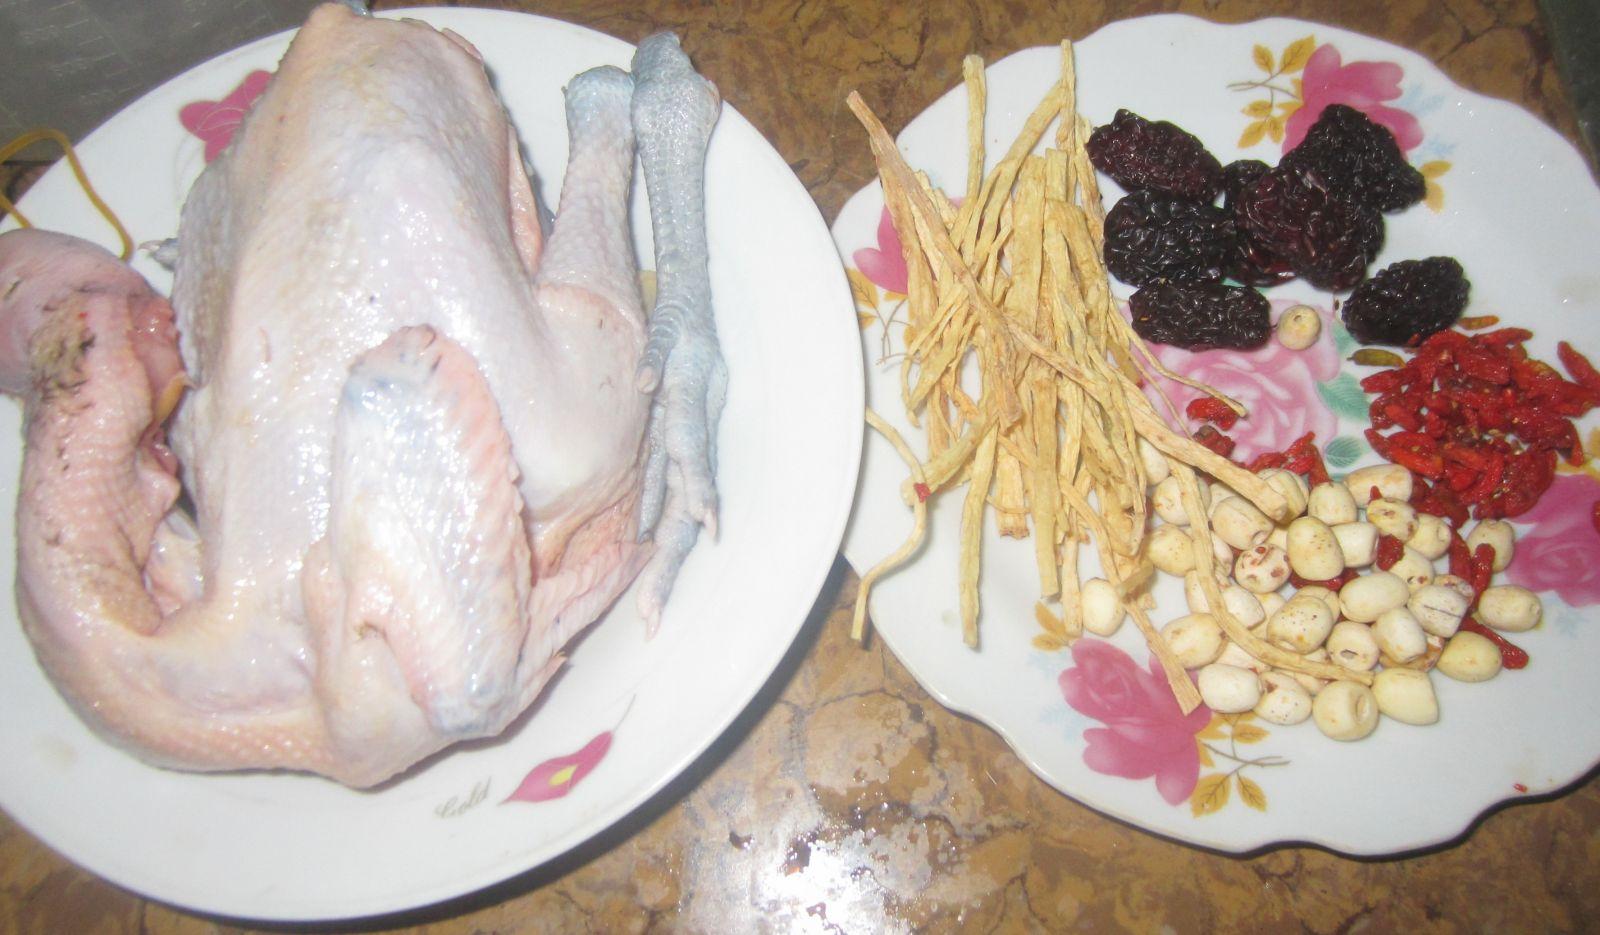 Cuối tuần tẩm bổ với món gà hầm thuốc bắc hạt sen - Ảnh 1